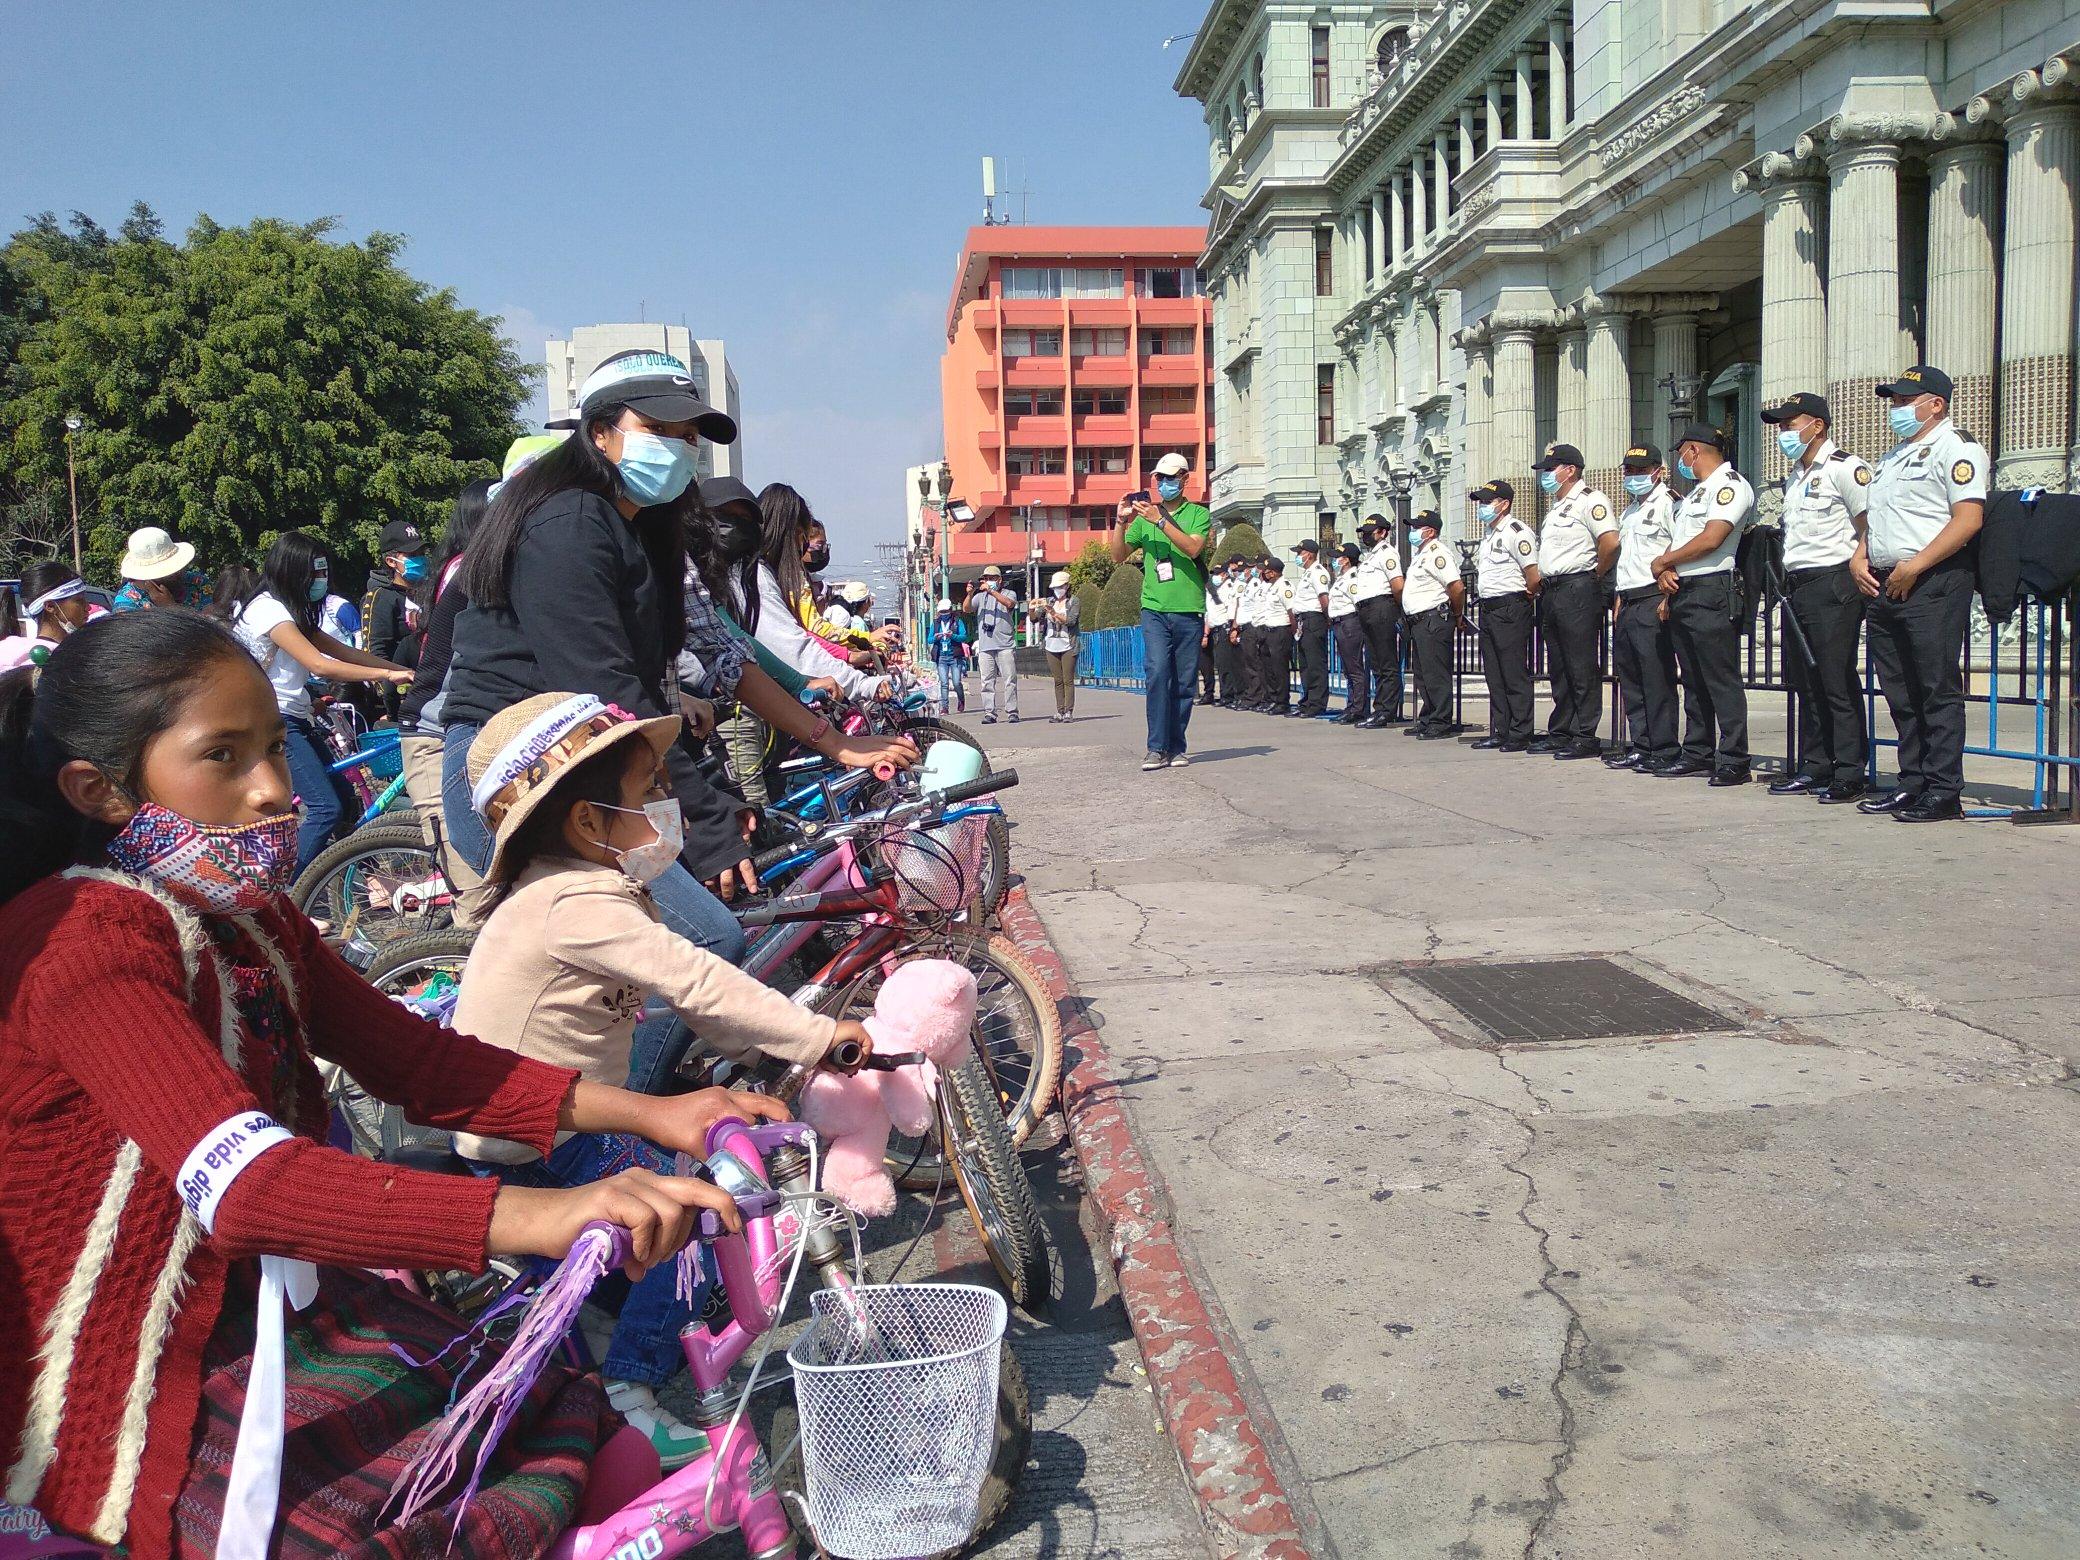 Mujeres de Guatemala  marcharon para exigir justicia por el asesinato de menores de edad